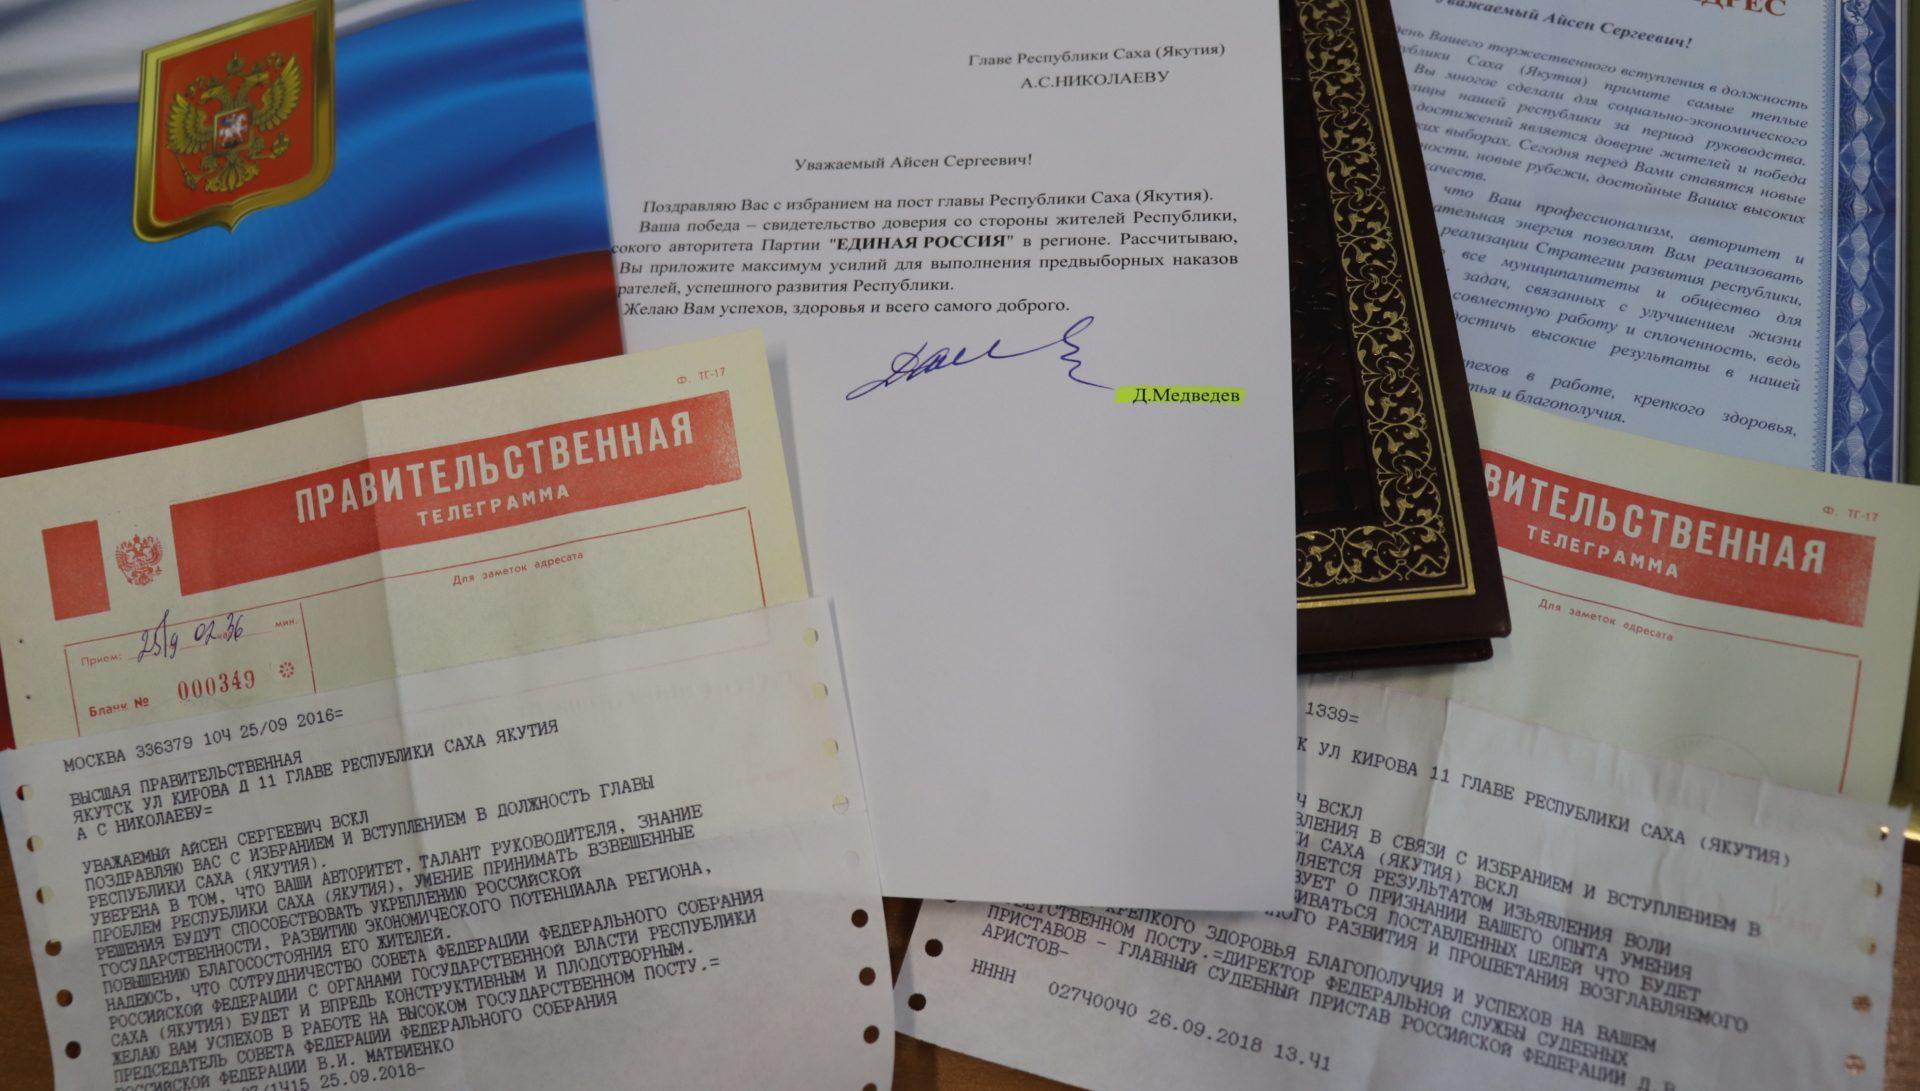 Айсена Николаева поздравляют со вступлением в должность Главы Республики Саха (Якутия)